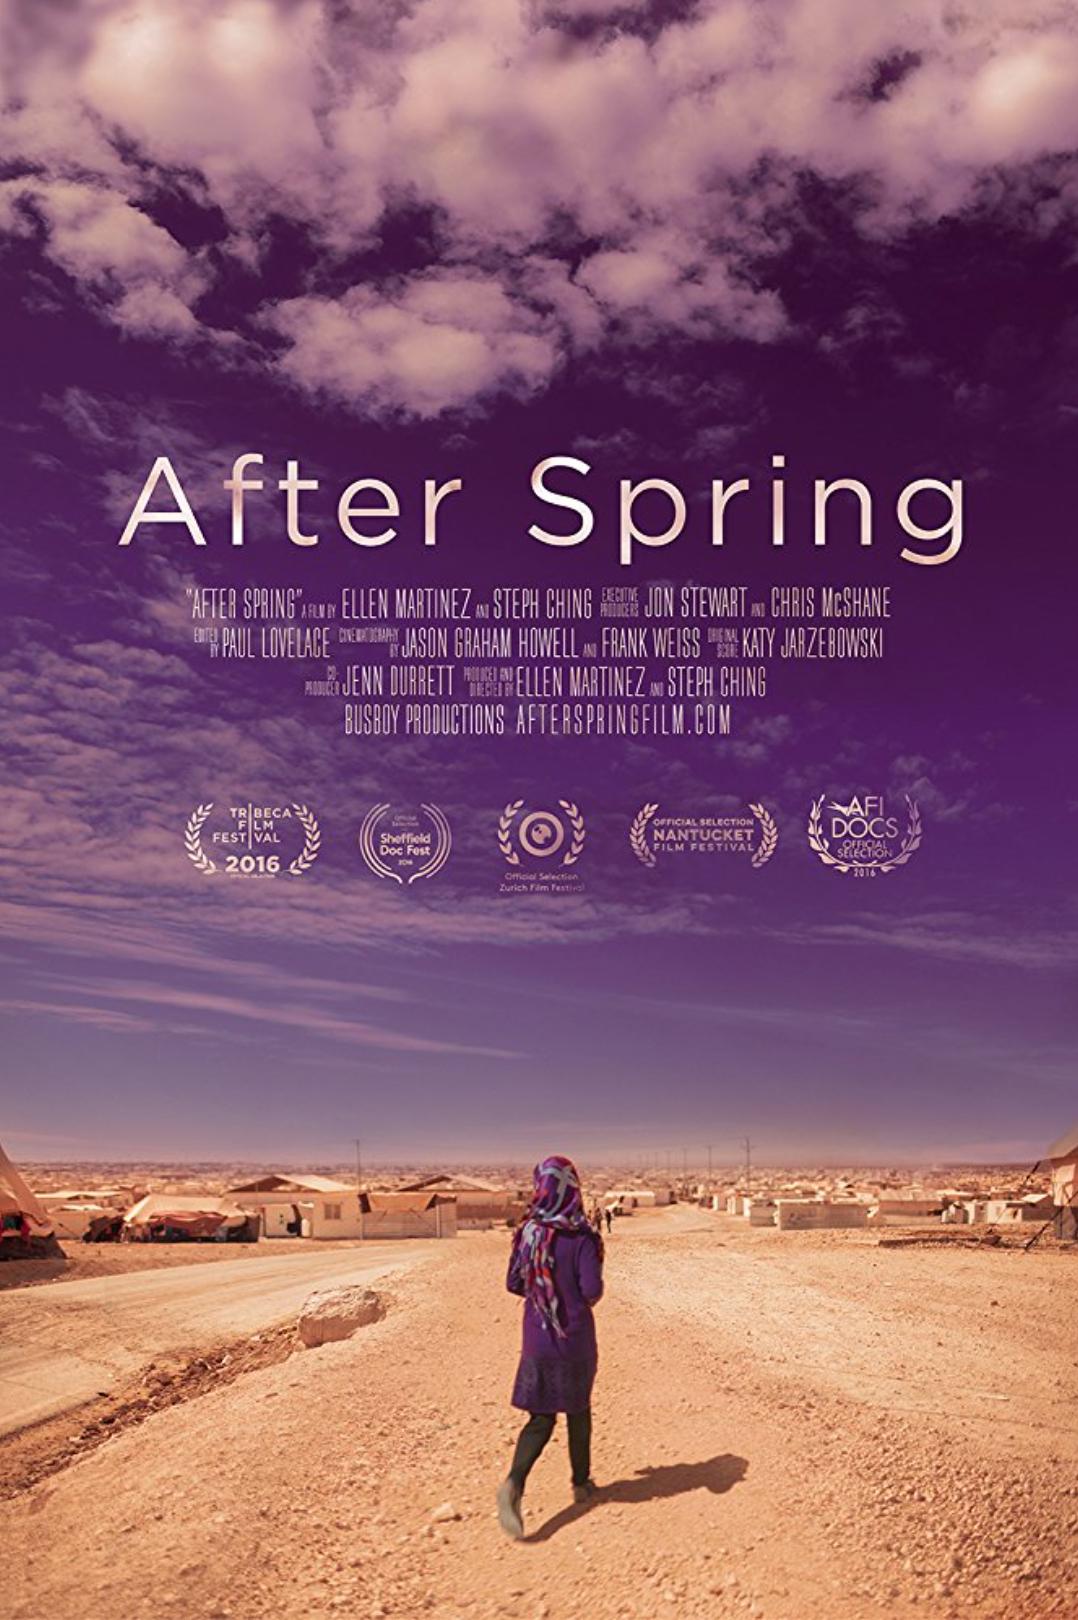 After Spring Trailer